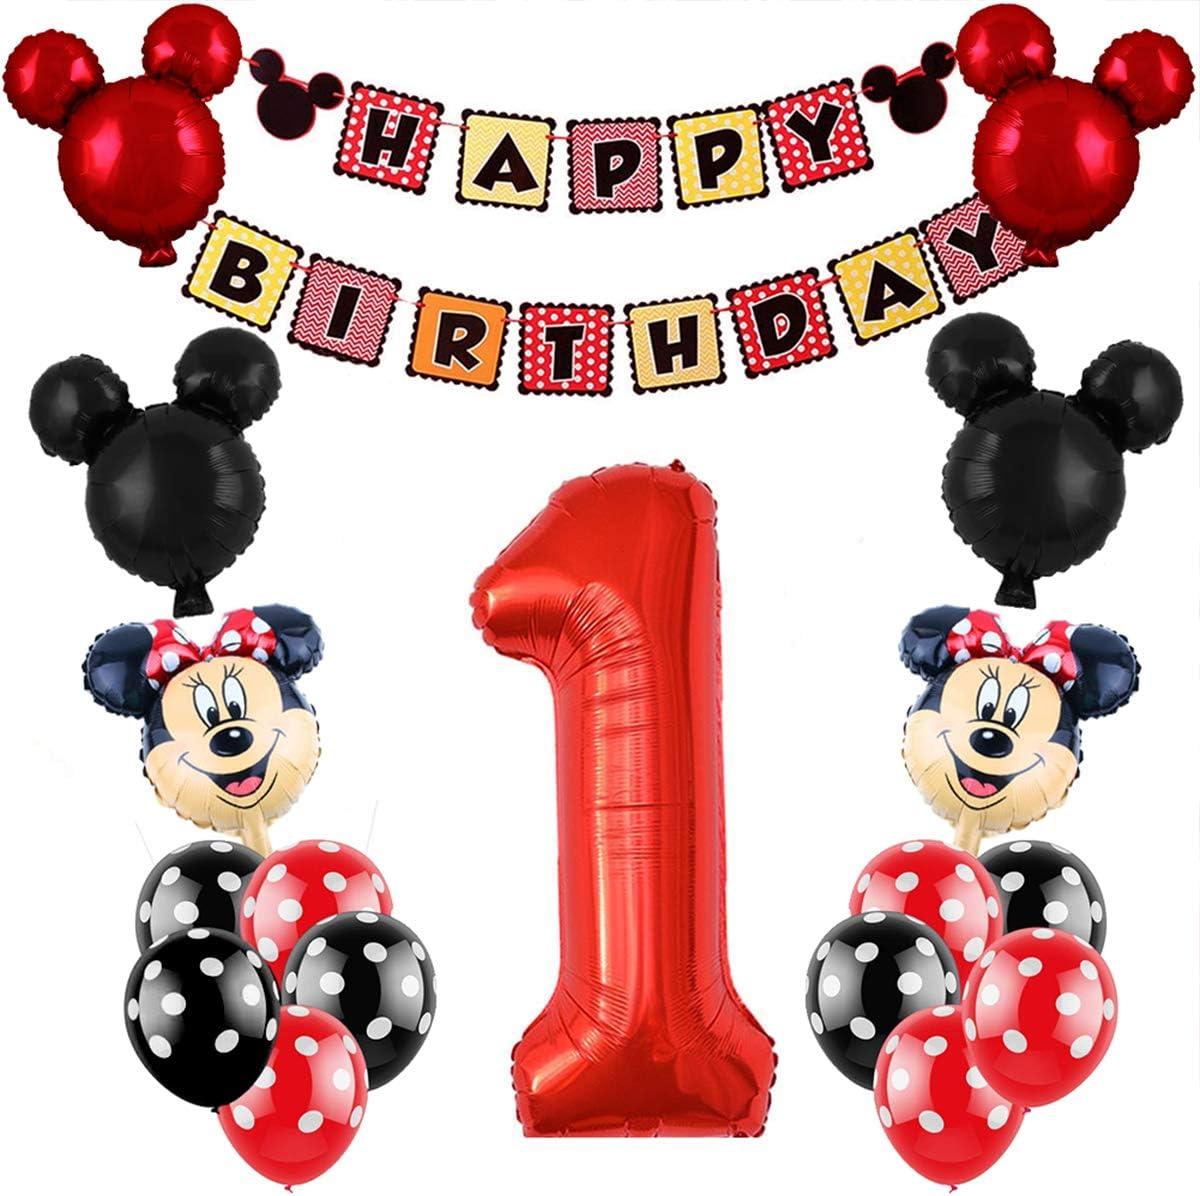 REYOK Decoraciones de cumpleaños de Mickey Mouse, Bolas de Nido de Abeja de Mickey Globo de Red Black, Banner de Happy Birthday, Globos número para la Fiesta temática de Mickey Mouse